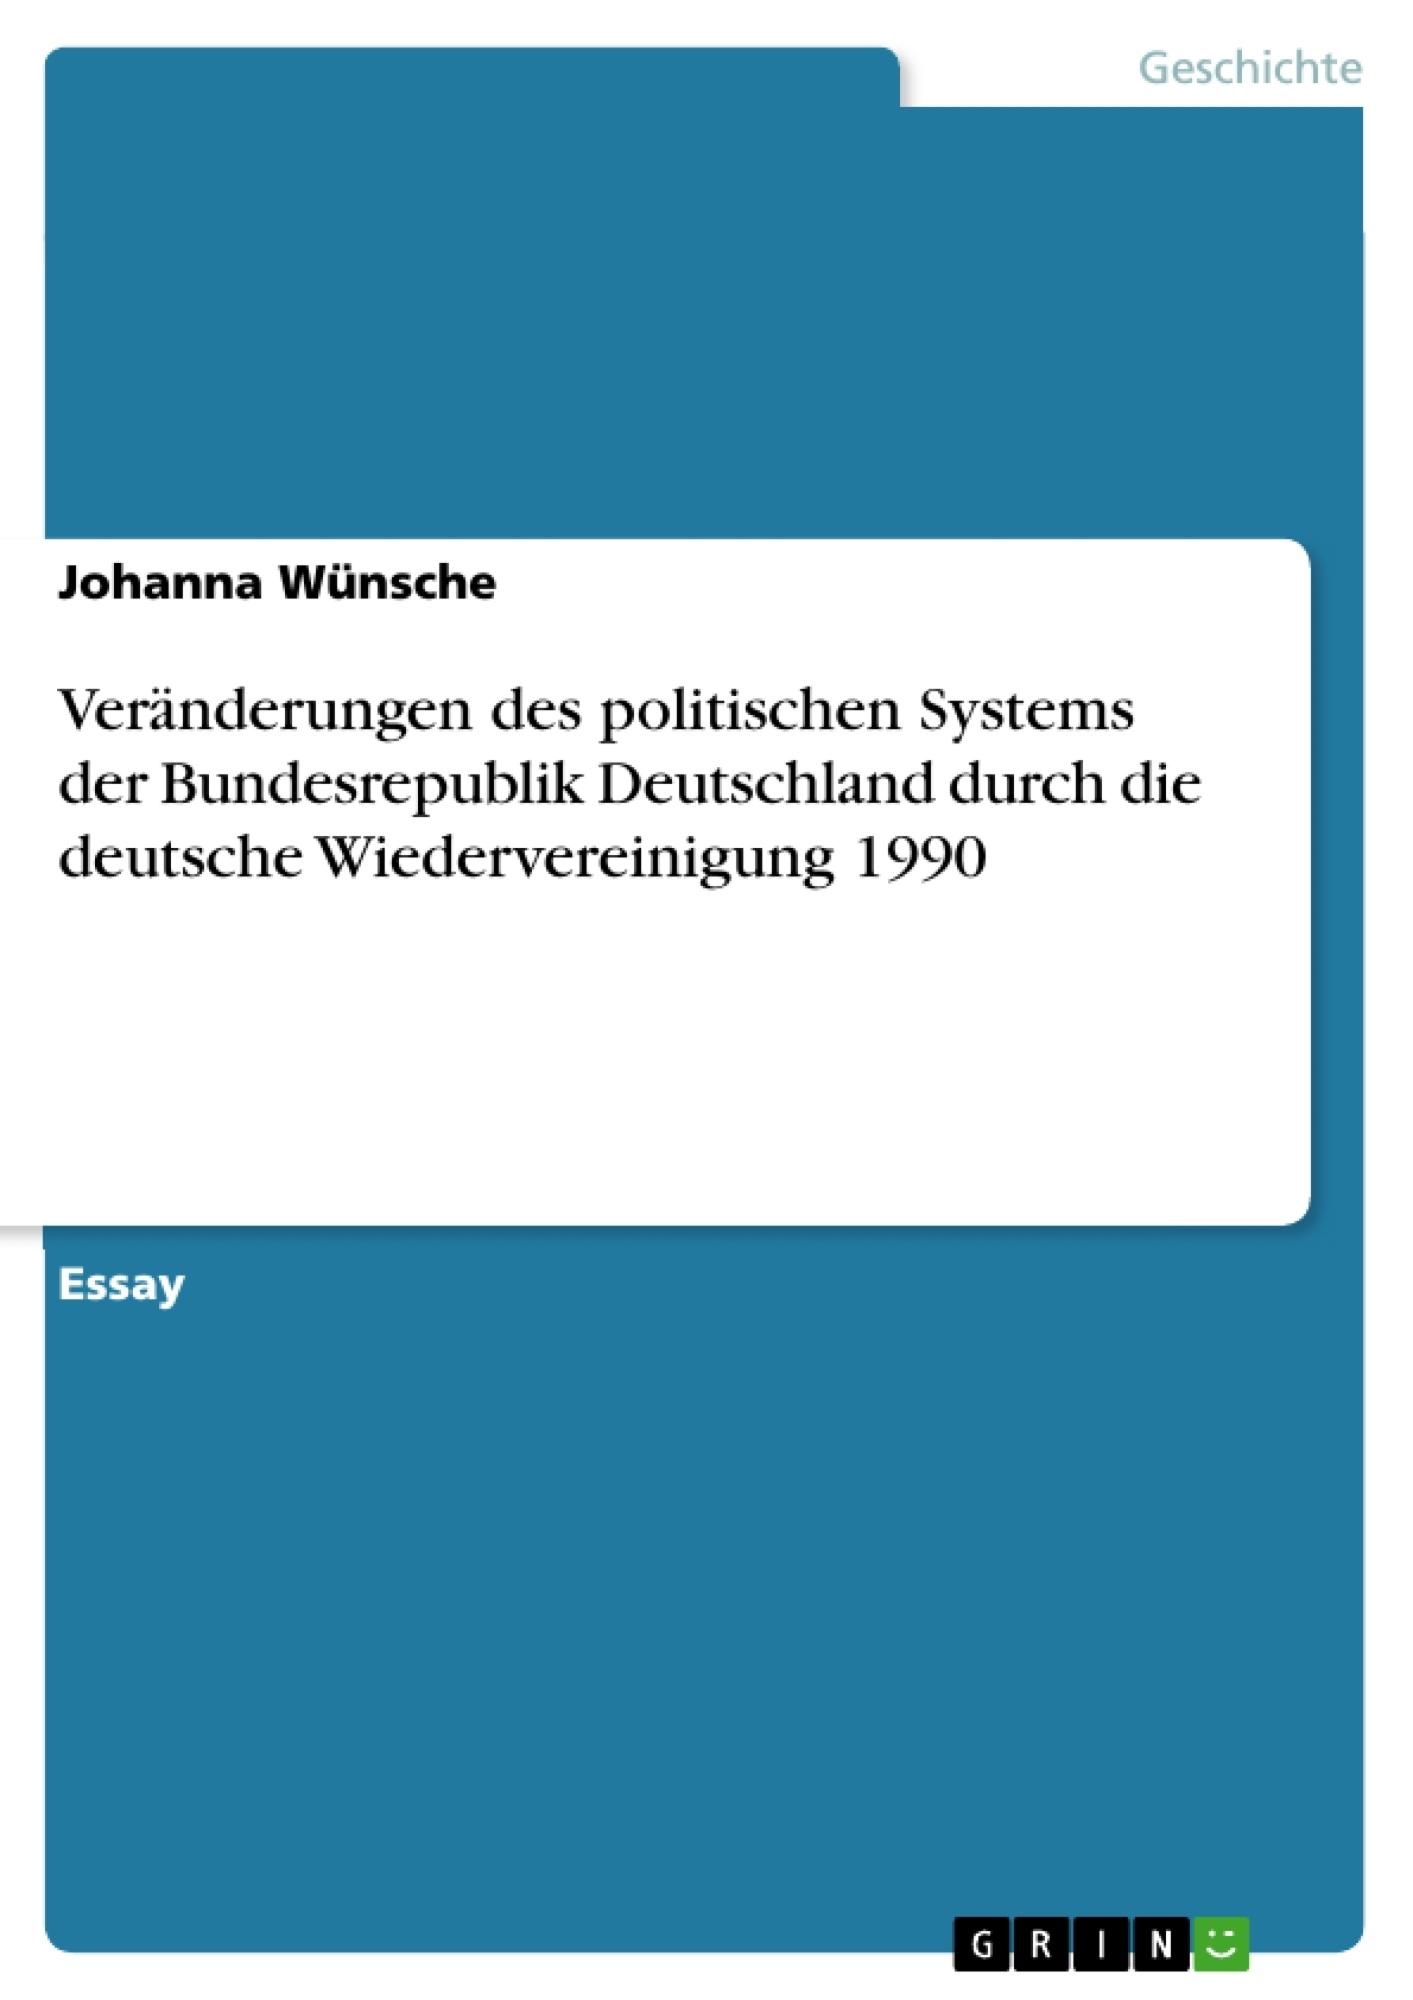 Titel: Veränderungen des politischen Systems der Bundesrepublik Deutschland durch die deutsche Wiedervereinigung 1990